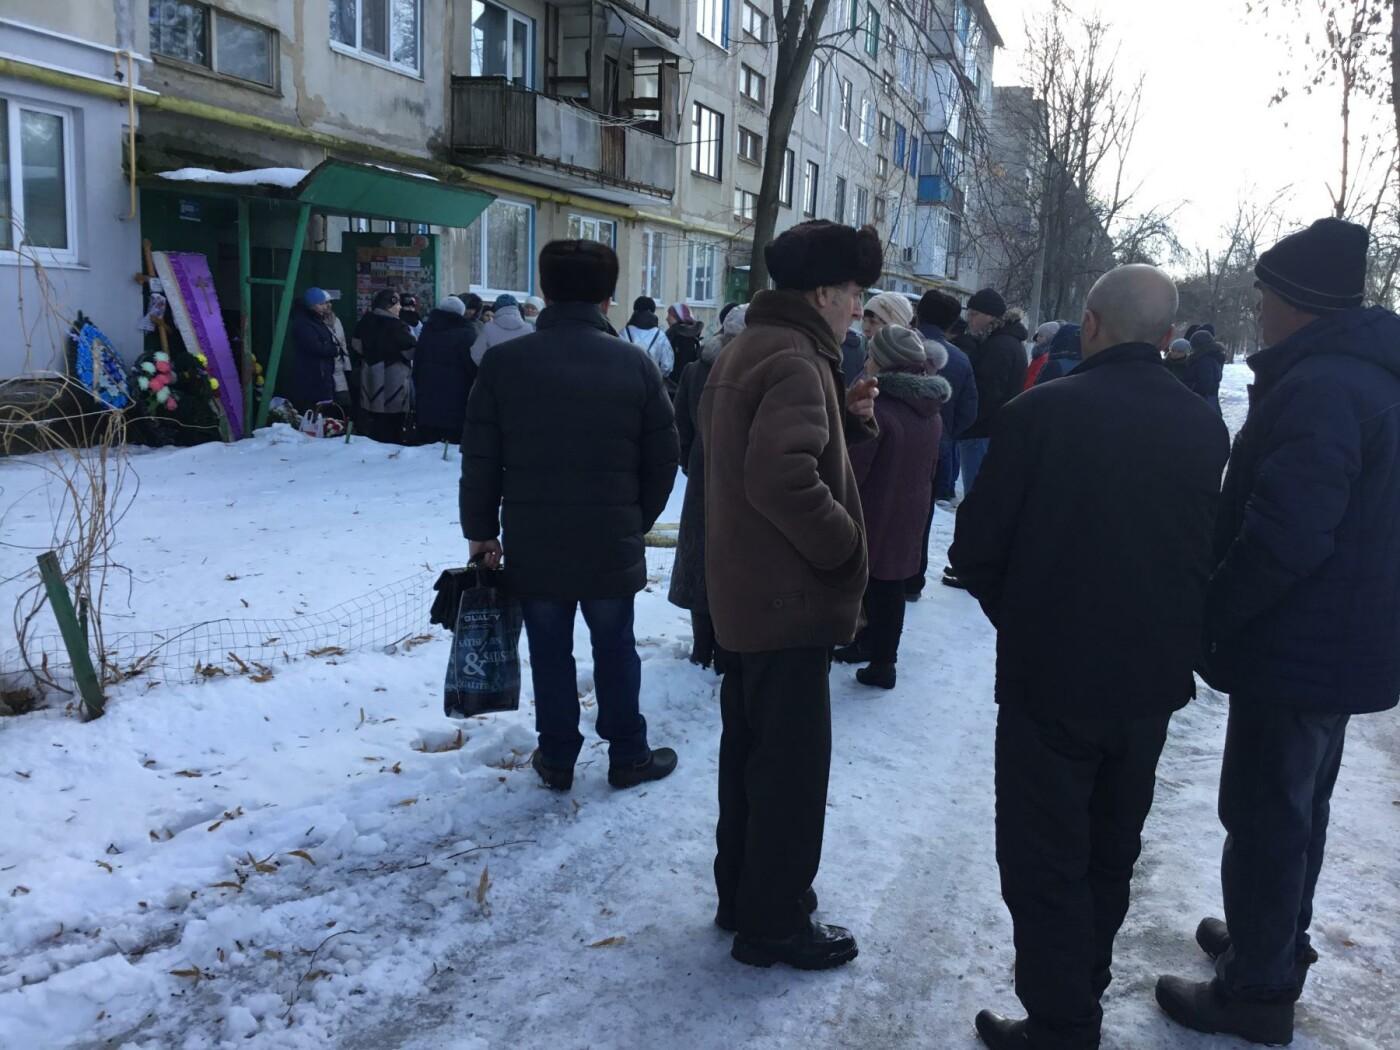 Сегодня в Дружковке хоронили девушку, погибшую в результате наезда автомобиля на пешеходном переходе, фото-1